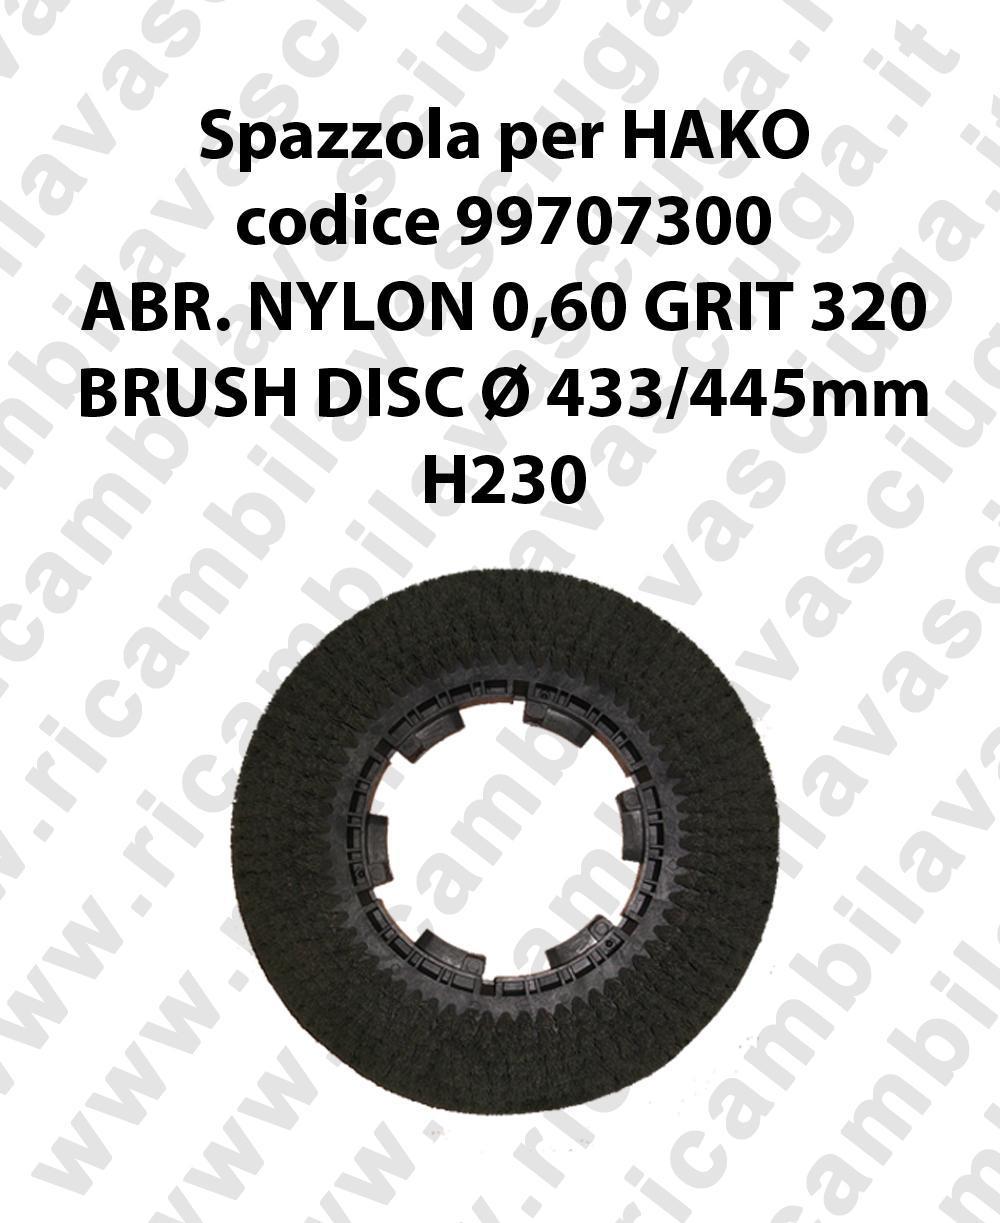 Bürsten code 99707300 für scheuersaugmaschinen HAKO